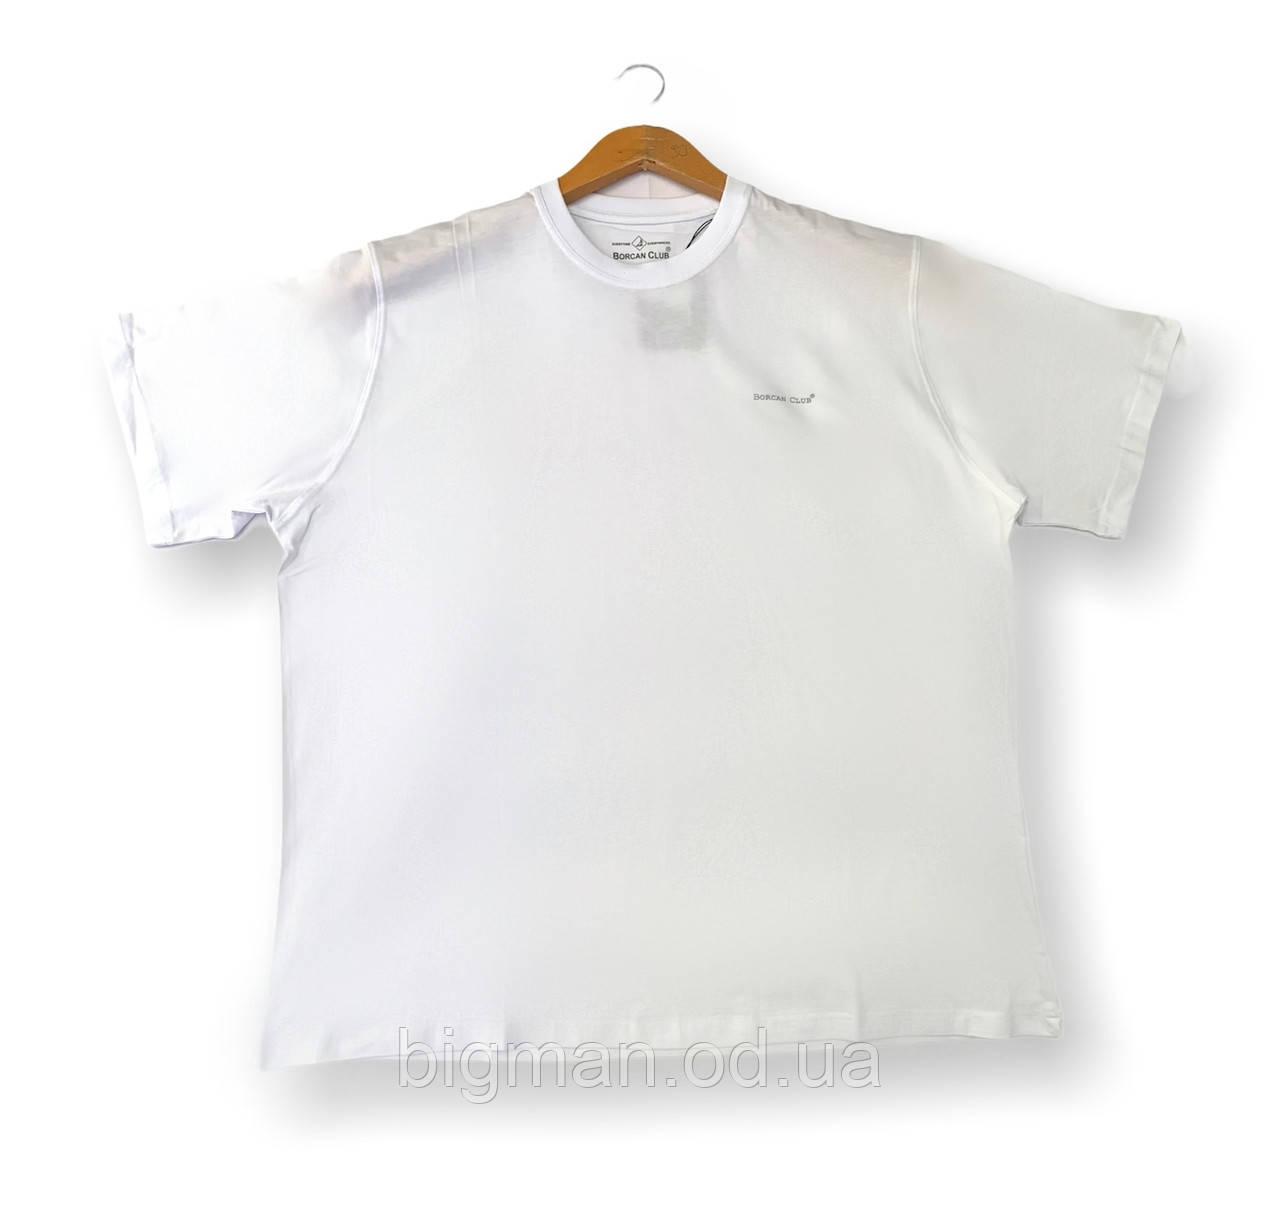 Мужская однотонная футболка белая батальная (большие размеры 3XL 4XL 5XL 6XL)Borcan Club производство: Турция